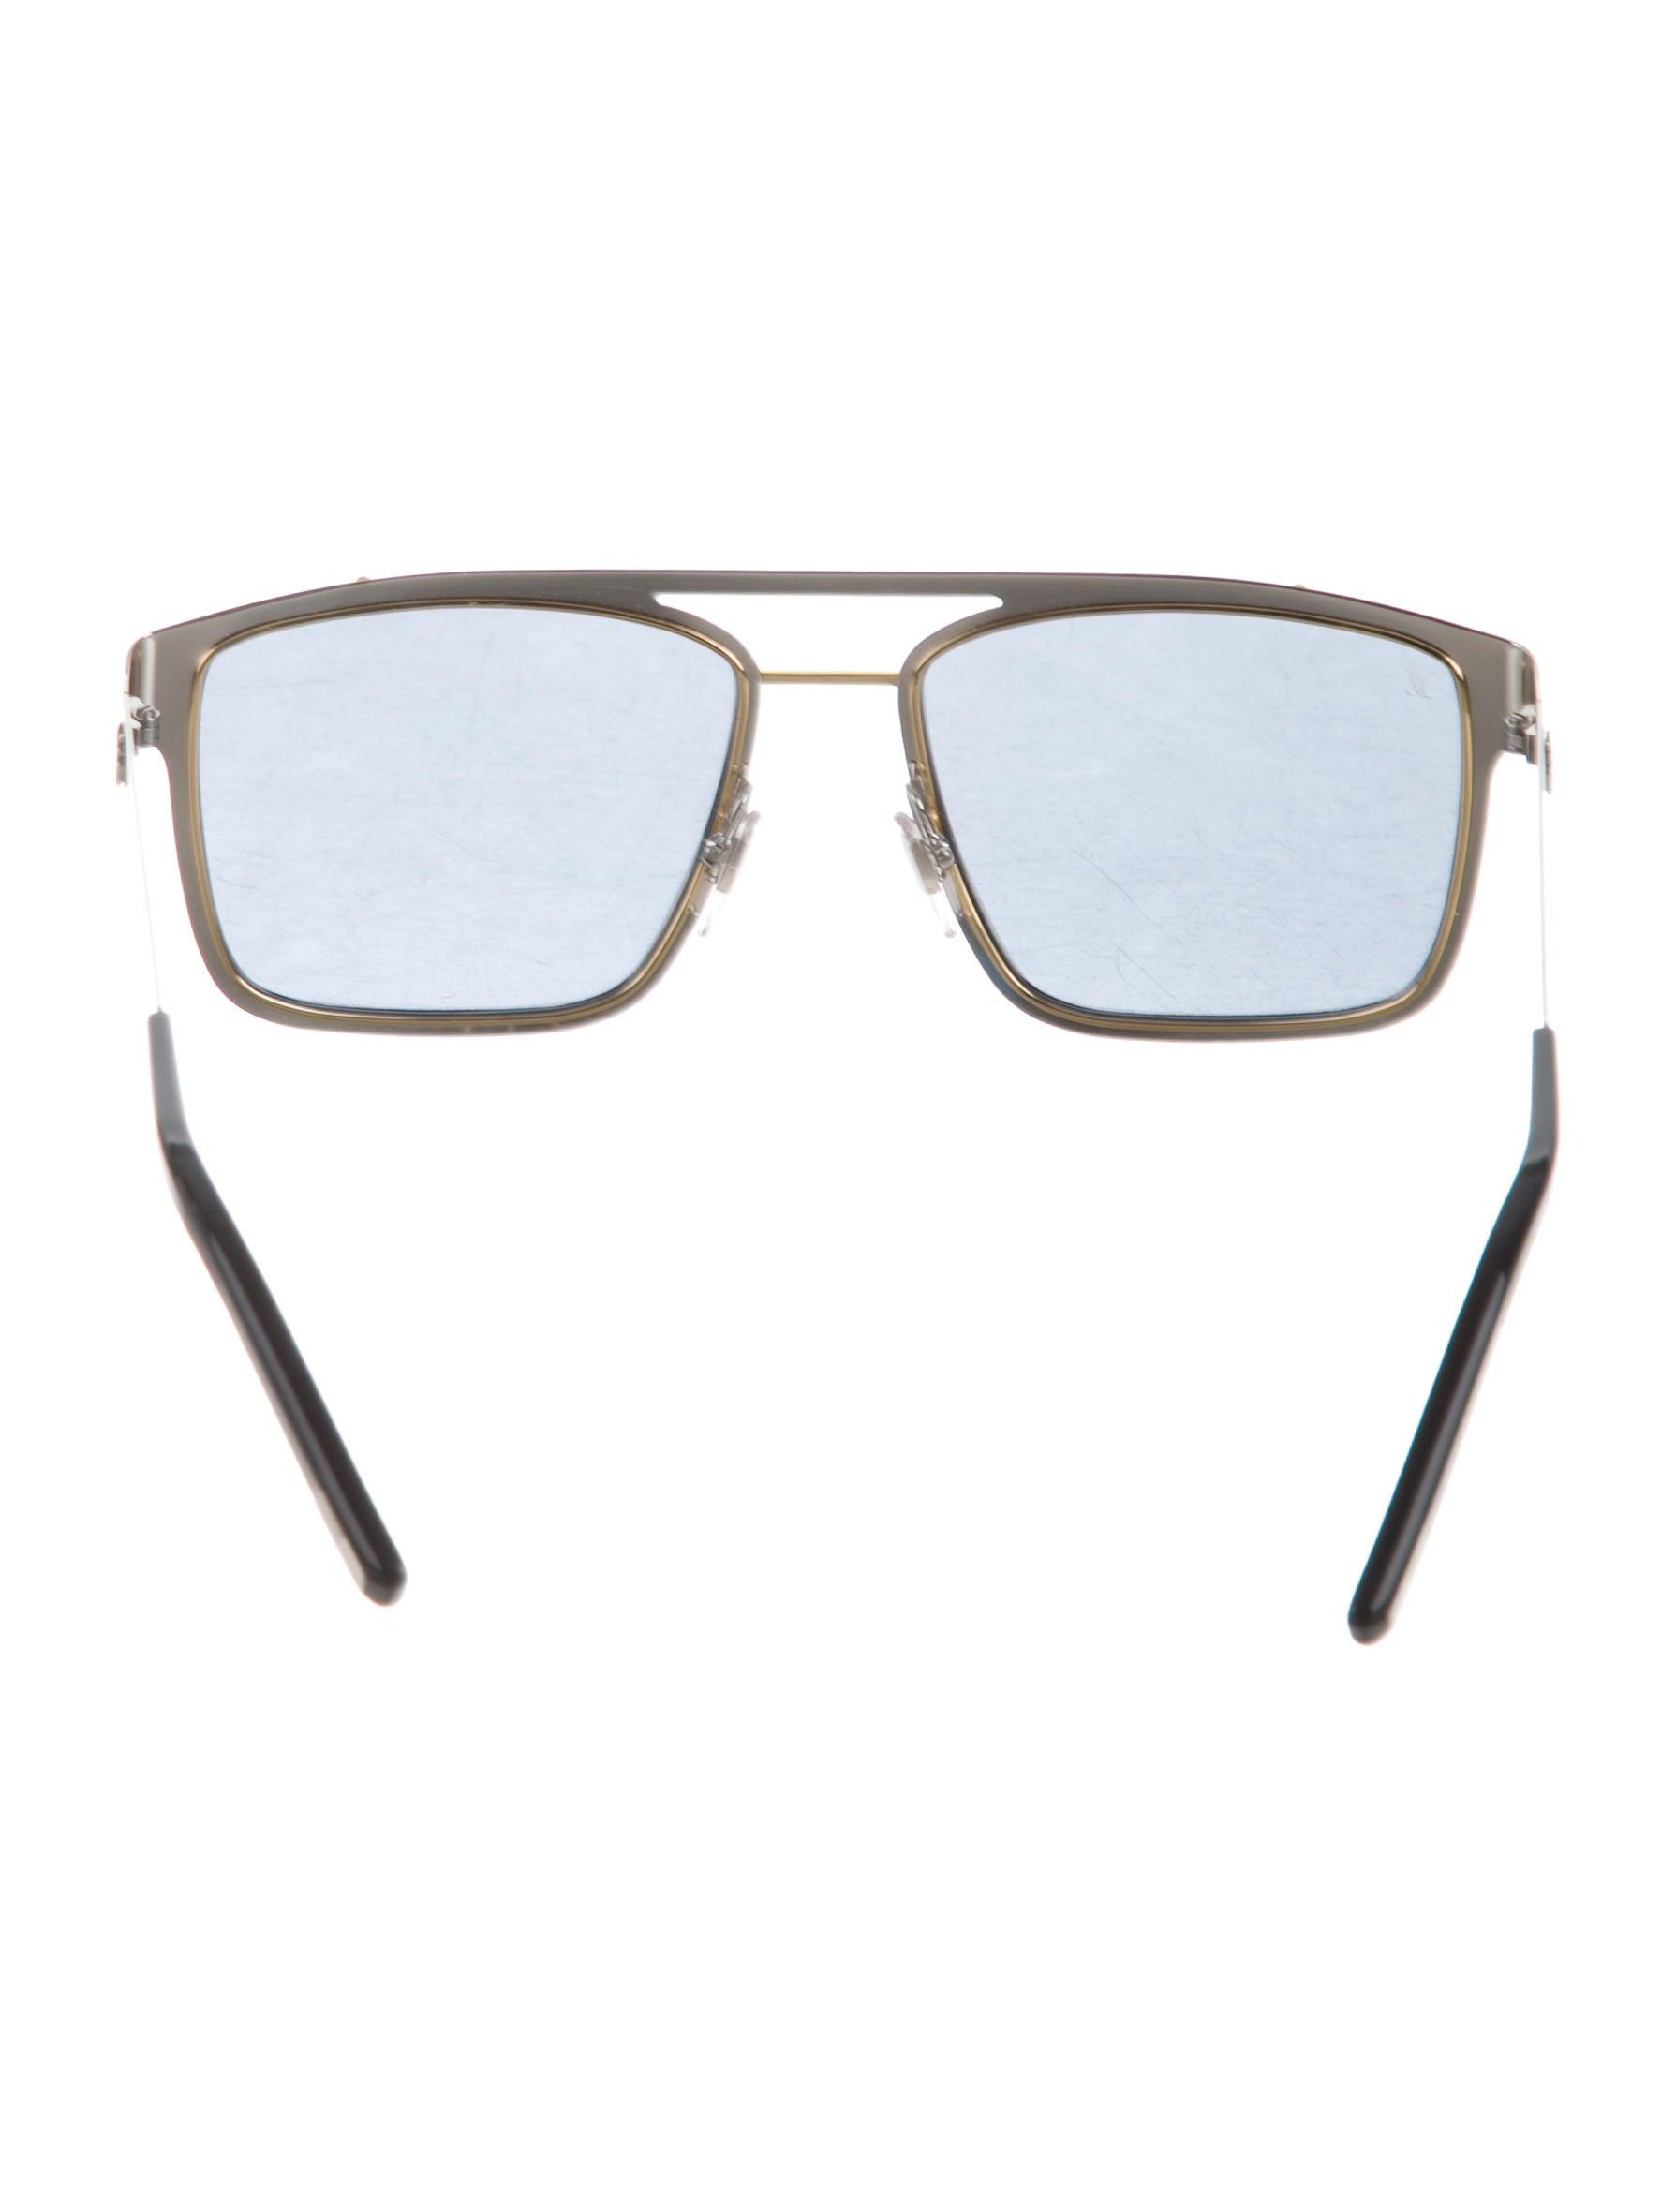 fc41d0e581 Louis Vuitton Sunglasses Frame Mens